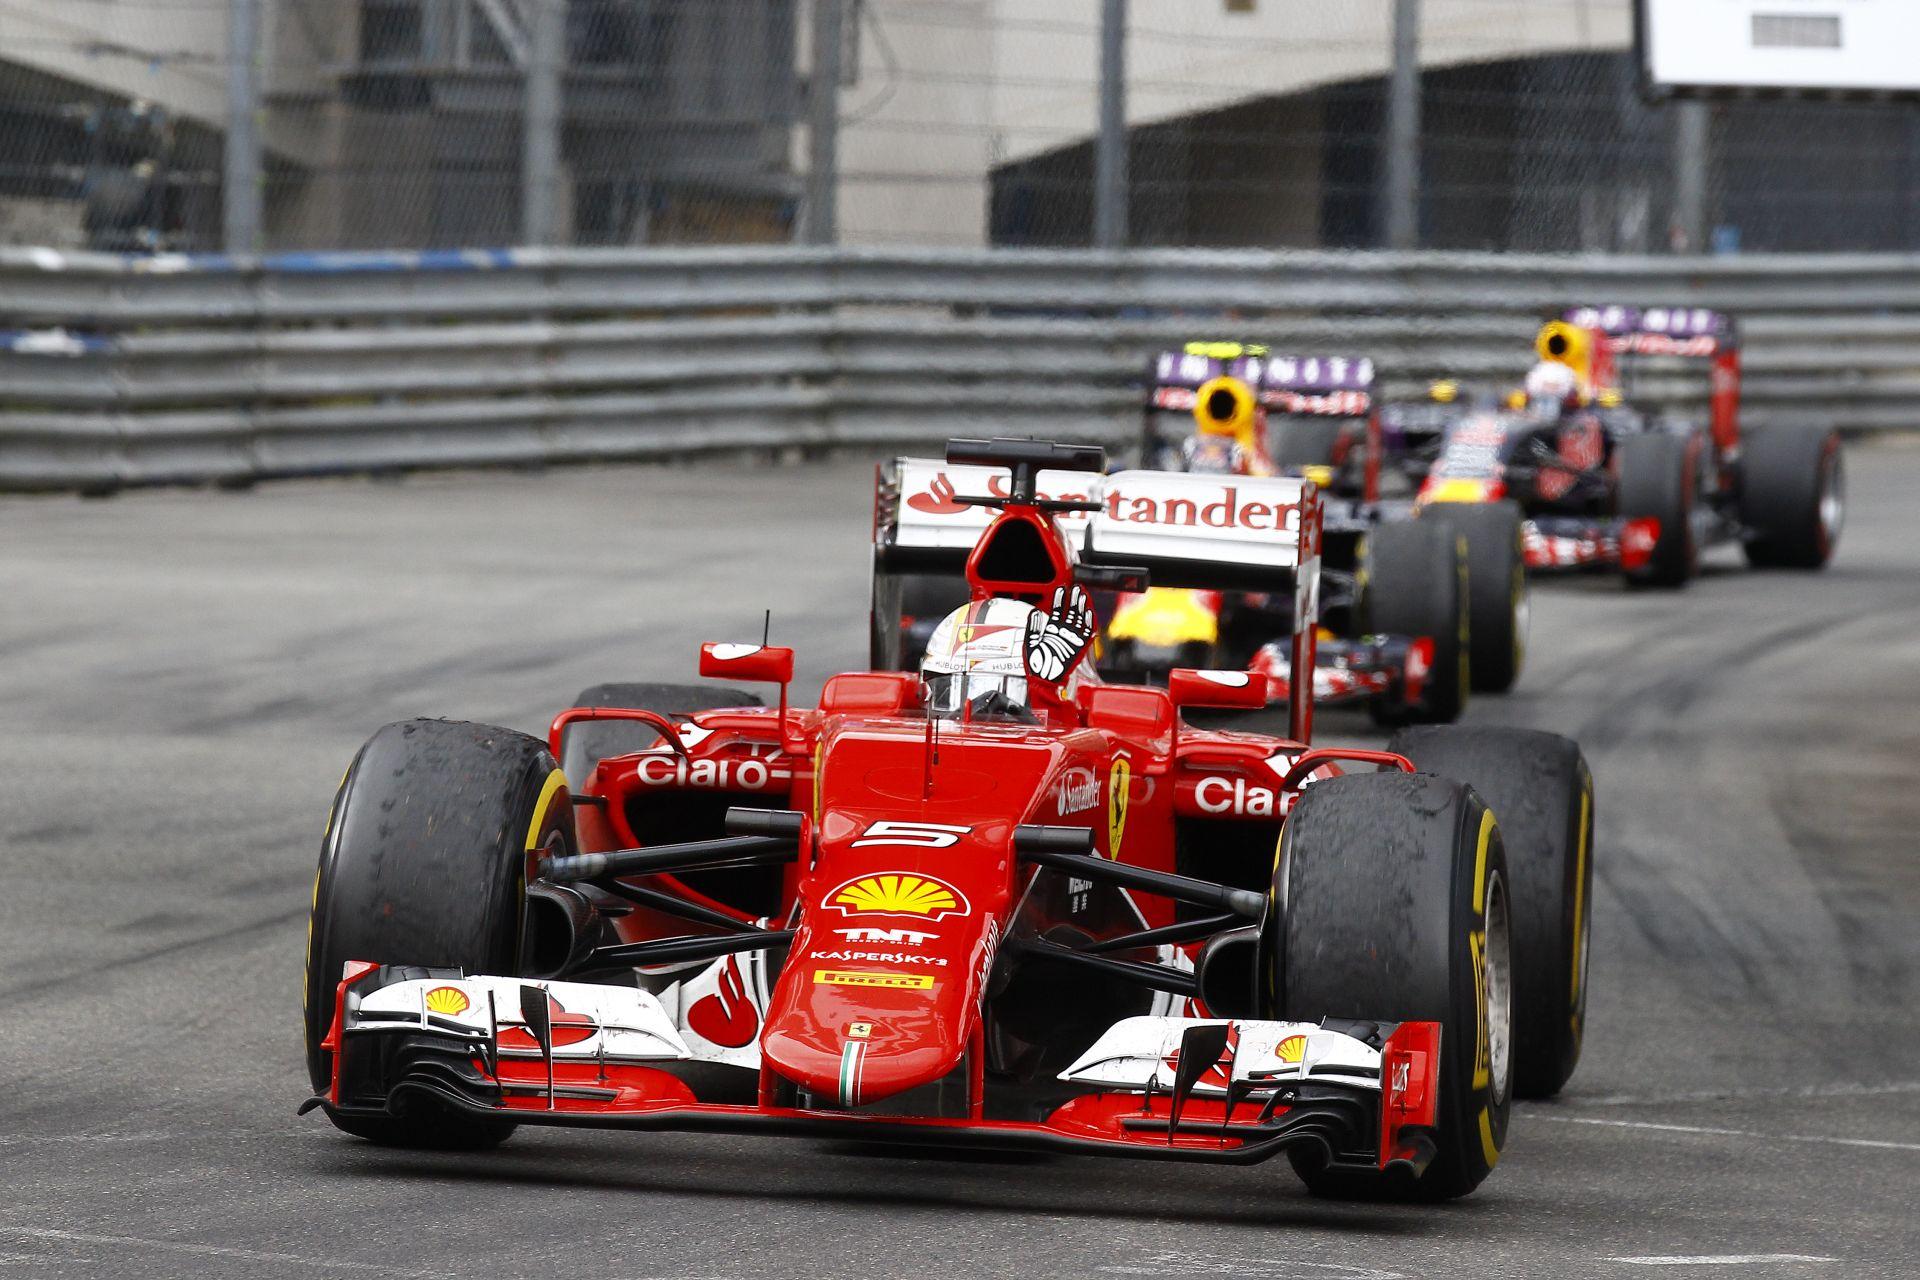 Levezető kör: Új F1-es csapat közeleg? Kőkorszaki lett a Forma-1?